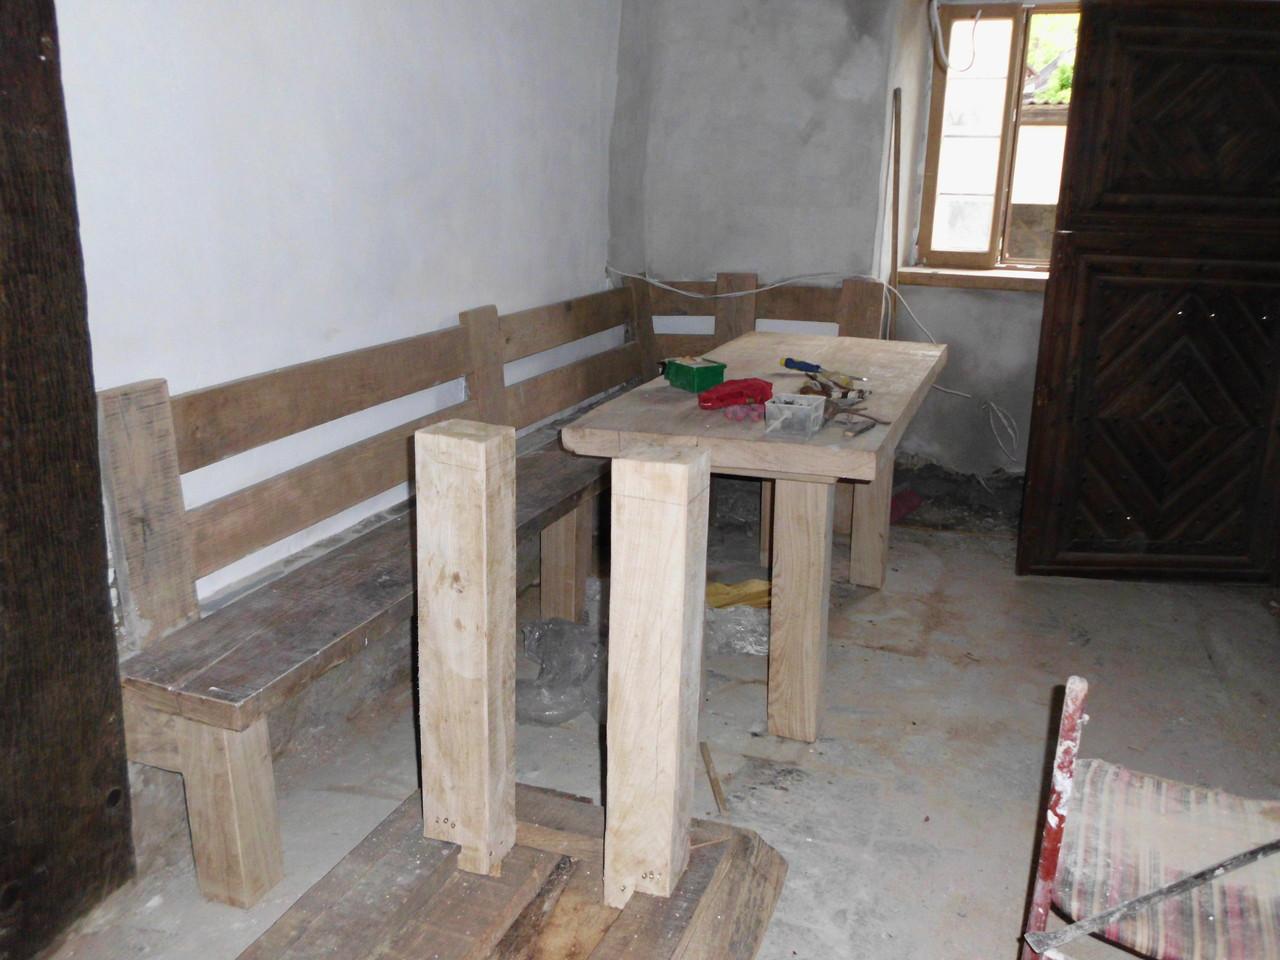 Die Küche - der alte Fußboden ist abgetragen, die abgehängte Decke entfernt